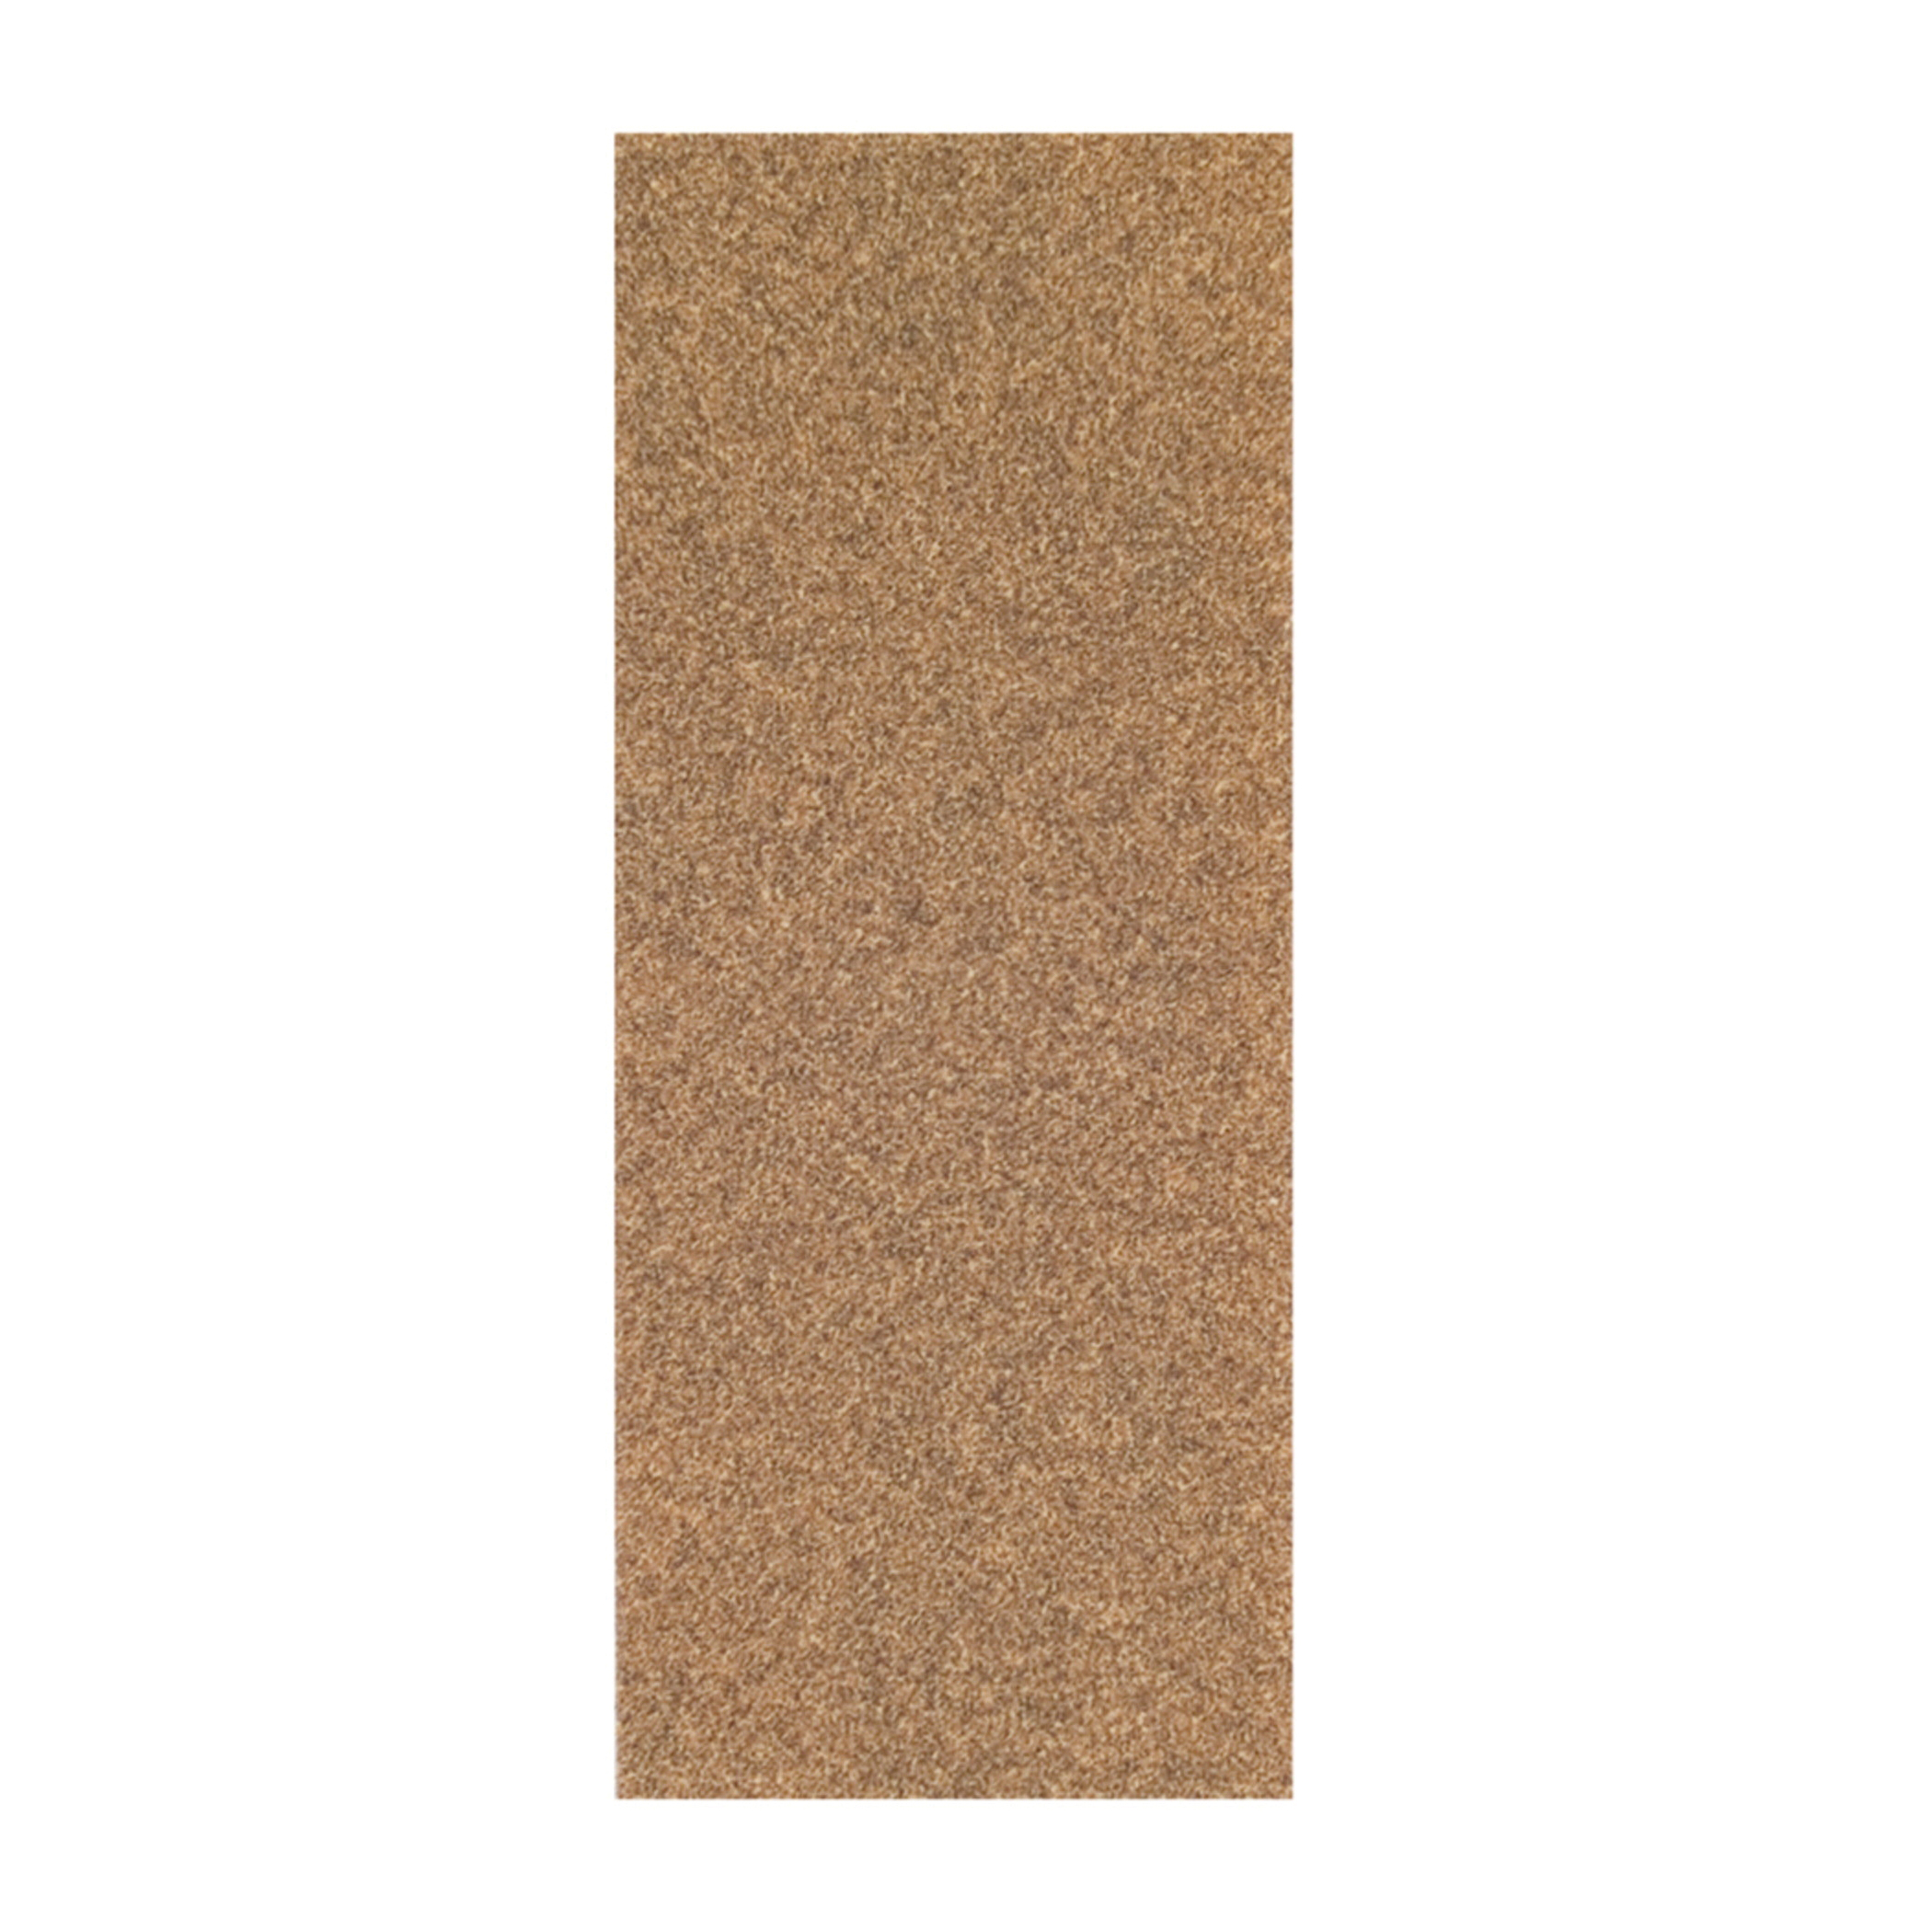 Norton® Adalox® 66261102925 A213 Coated Sandpaper Cut Sheet, 9 in L x 3-2/3 in W, P60 Grit, Coarse Grade, Aluminum Oxide Abrasive, Paper Backing